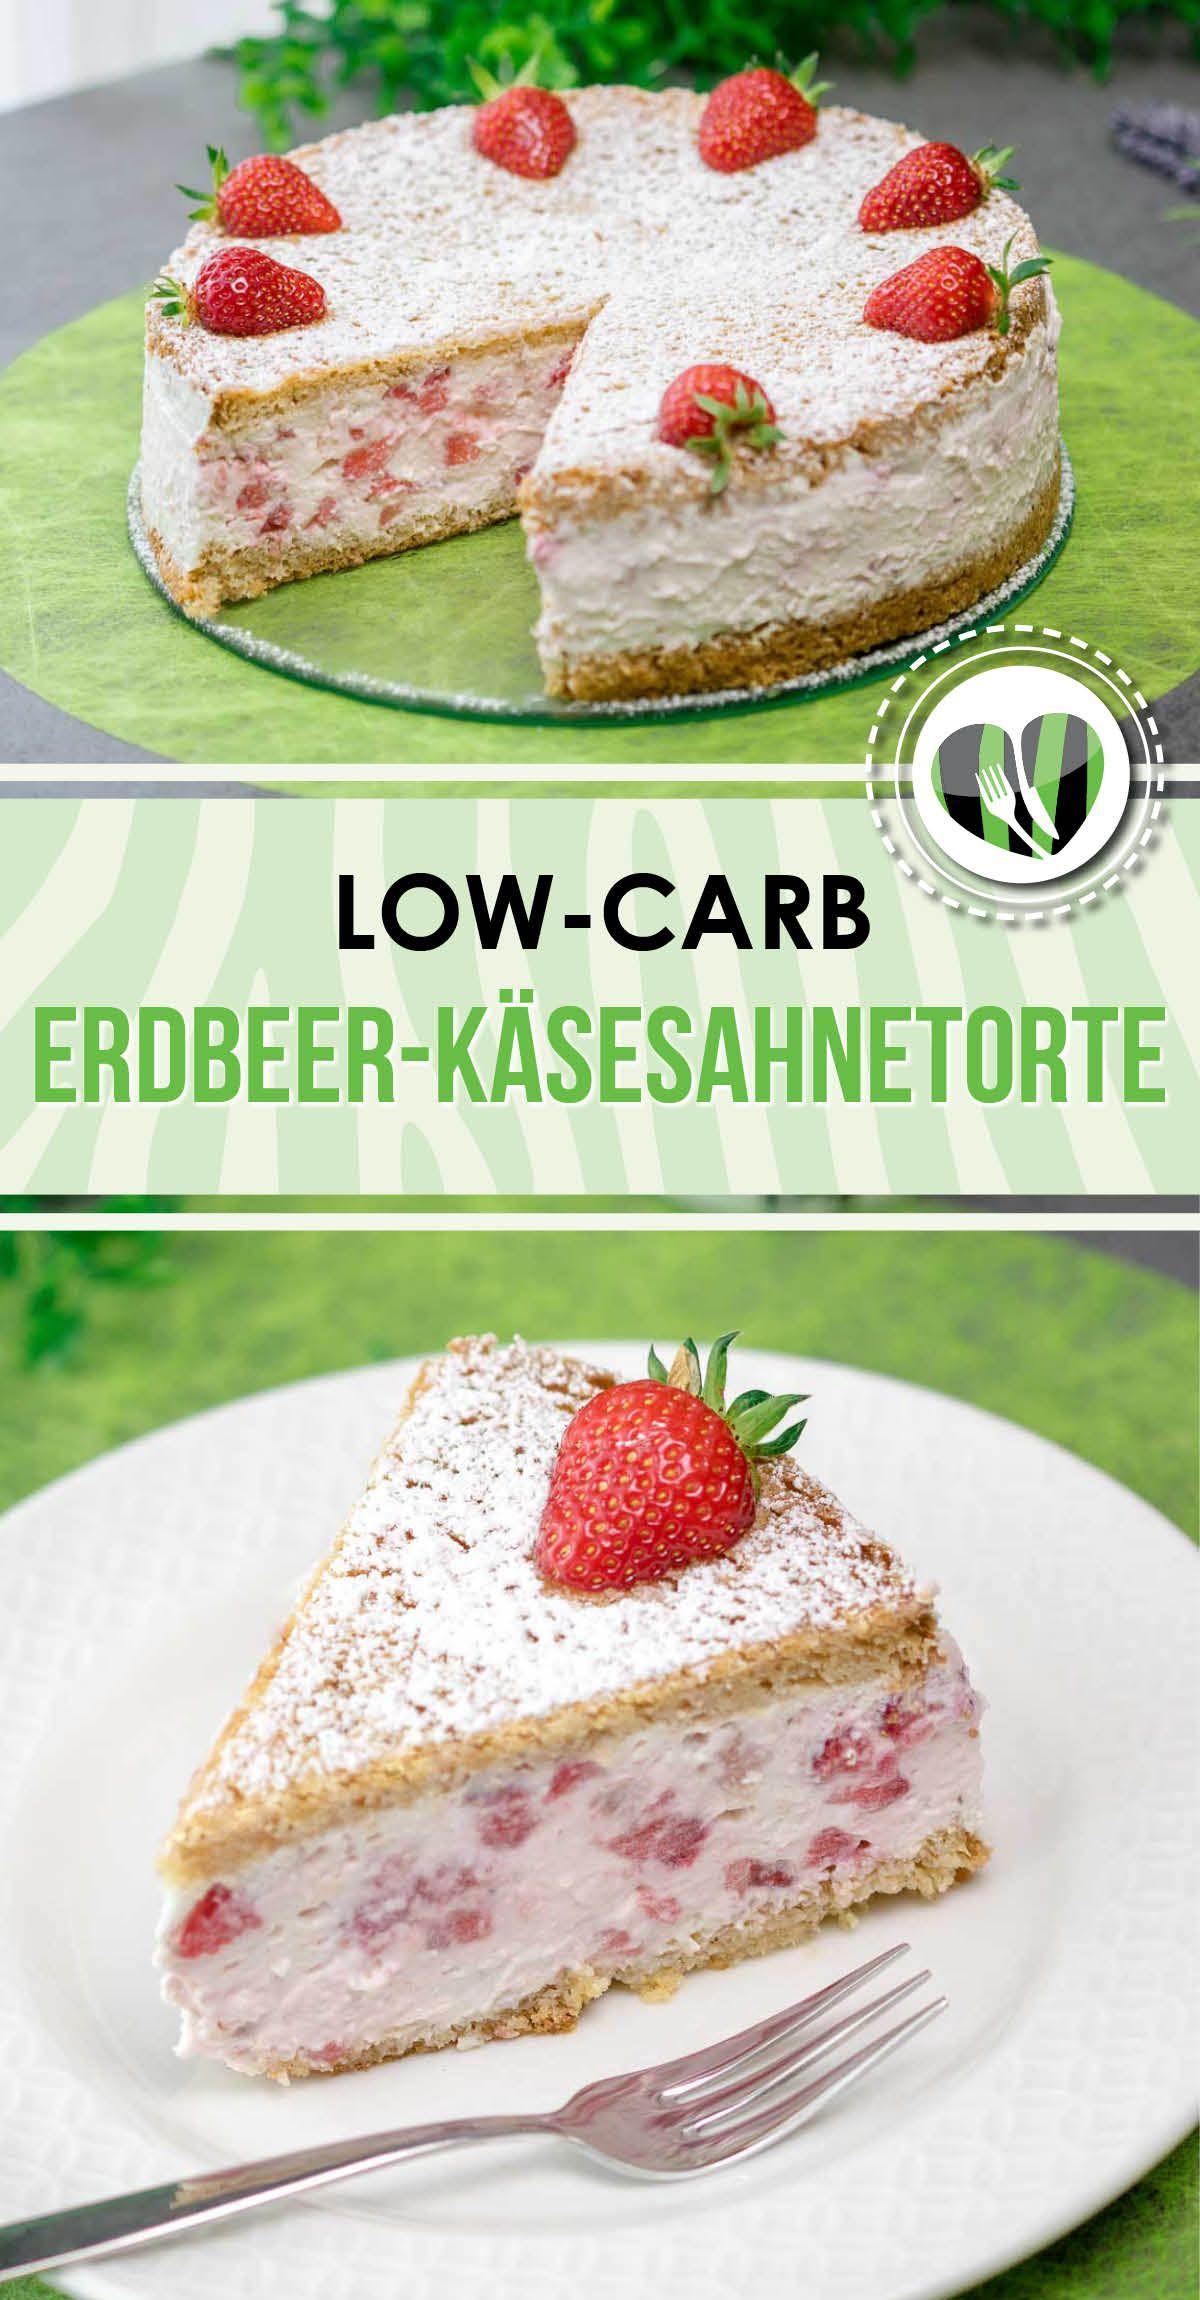 Erdbeer-Käsesahnetorte #lowcarbyum